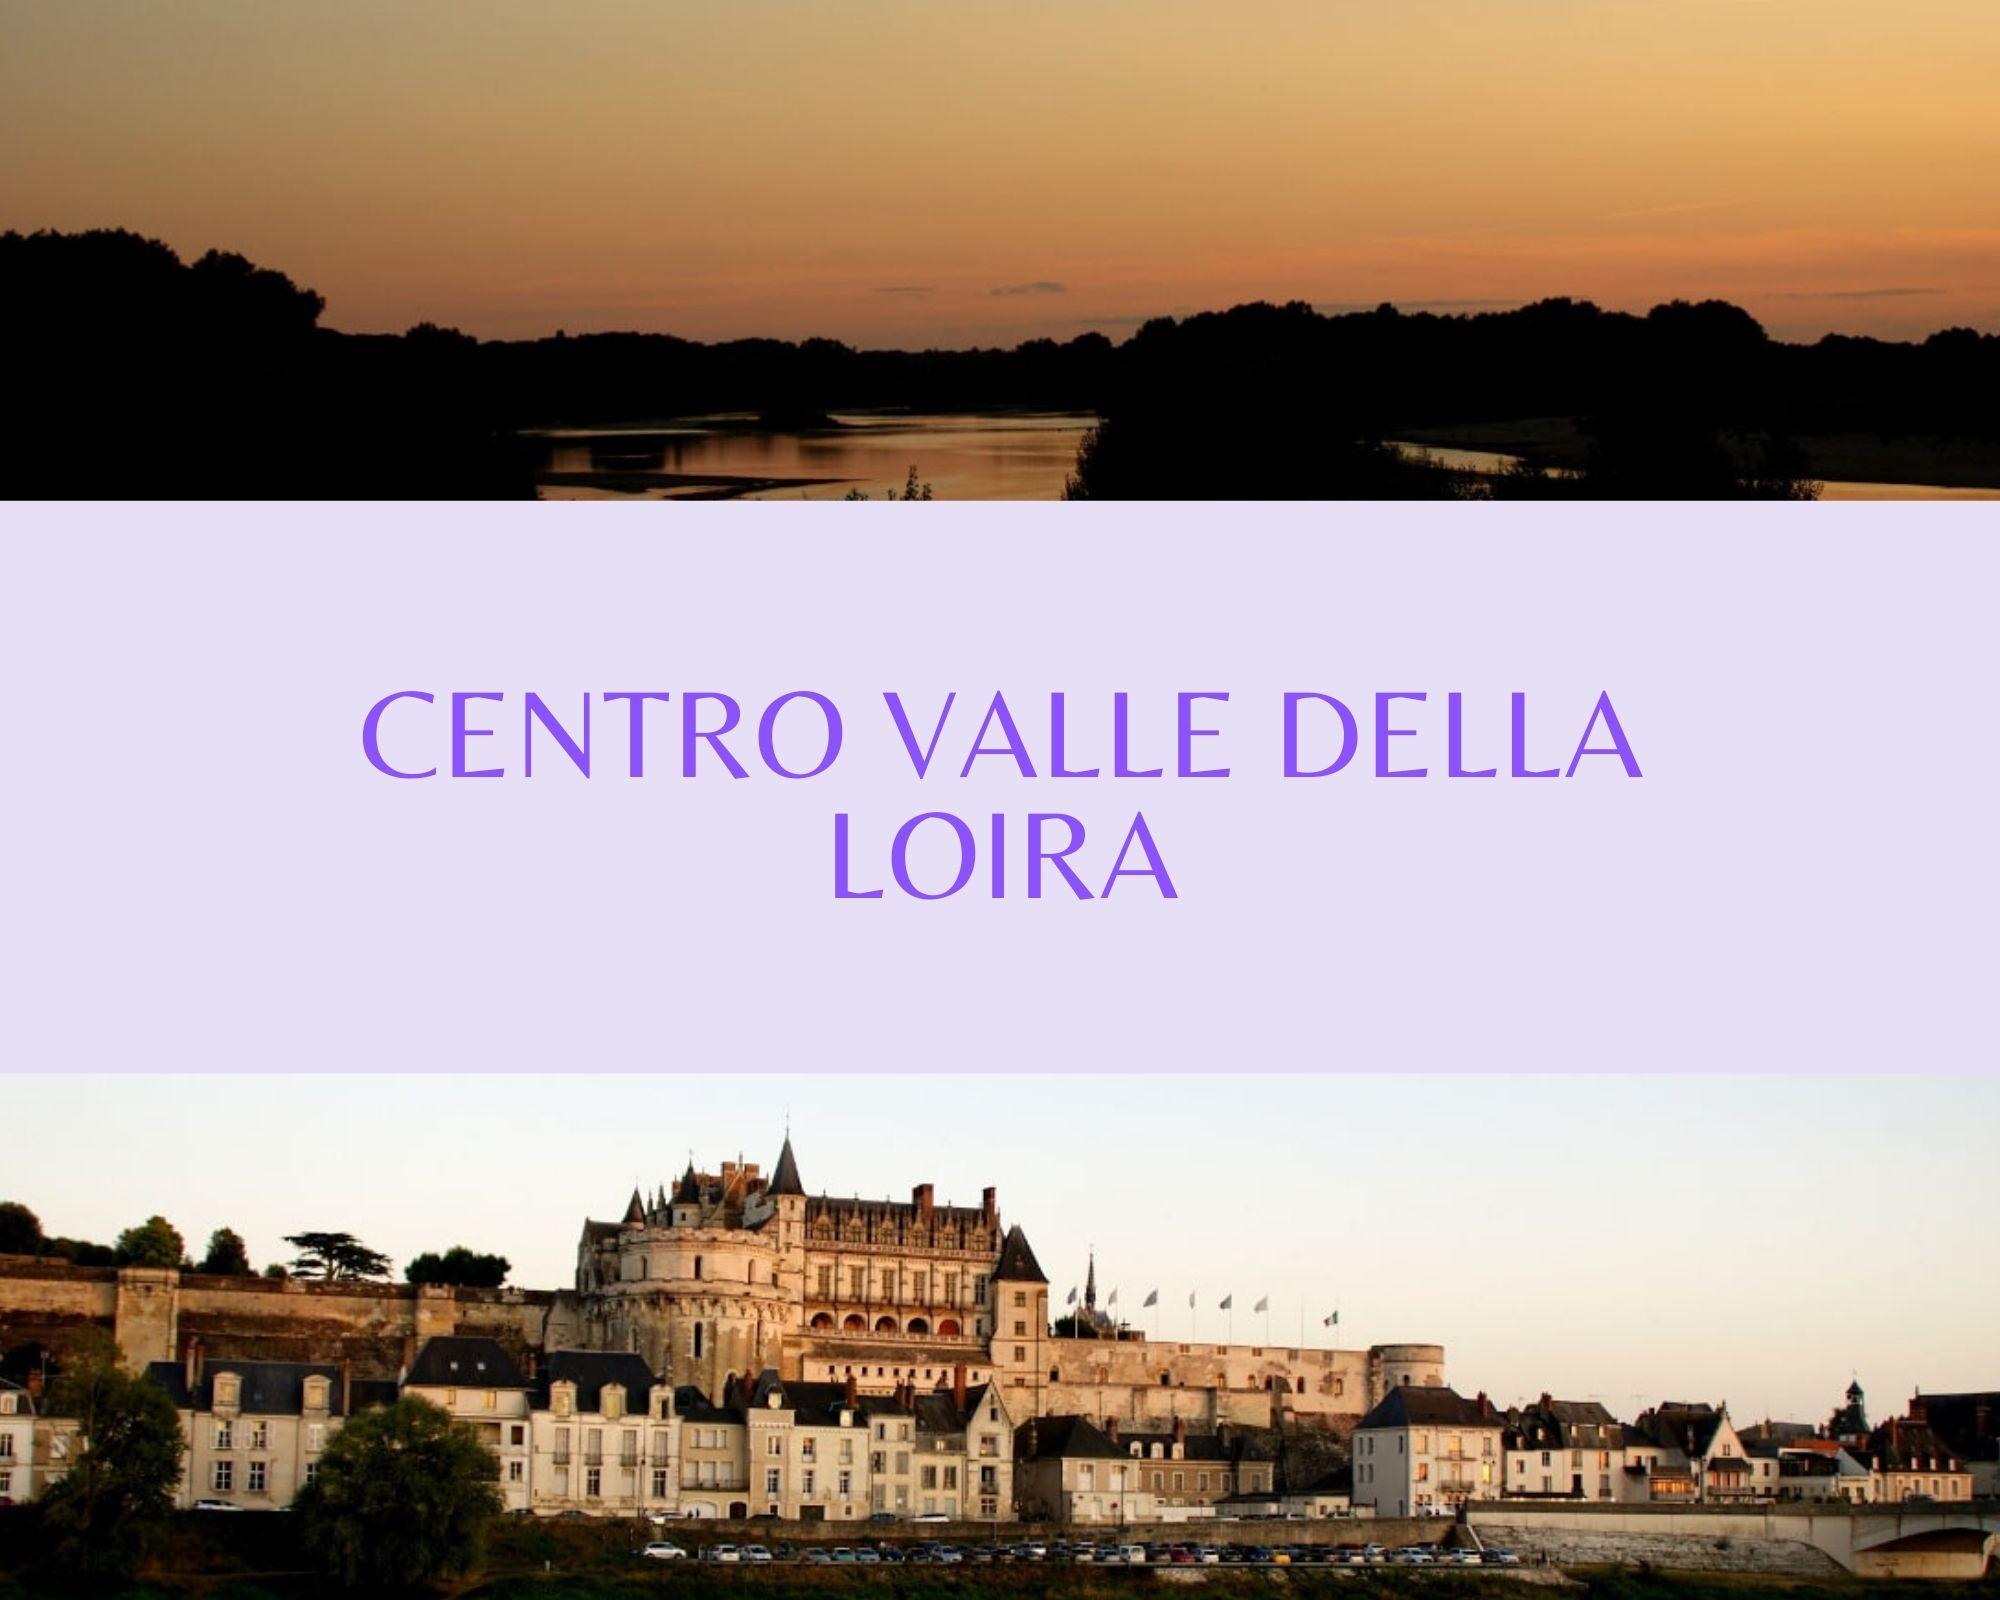 Centro Valle della Loira